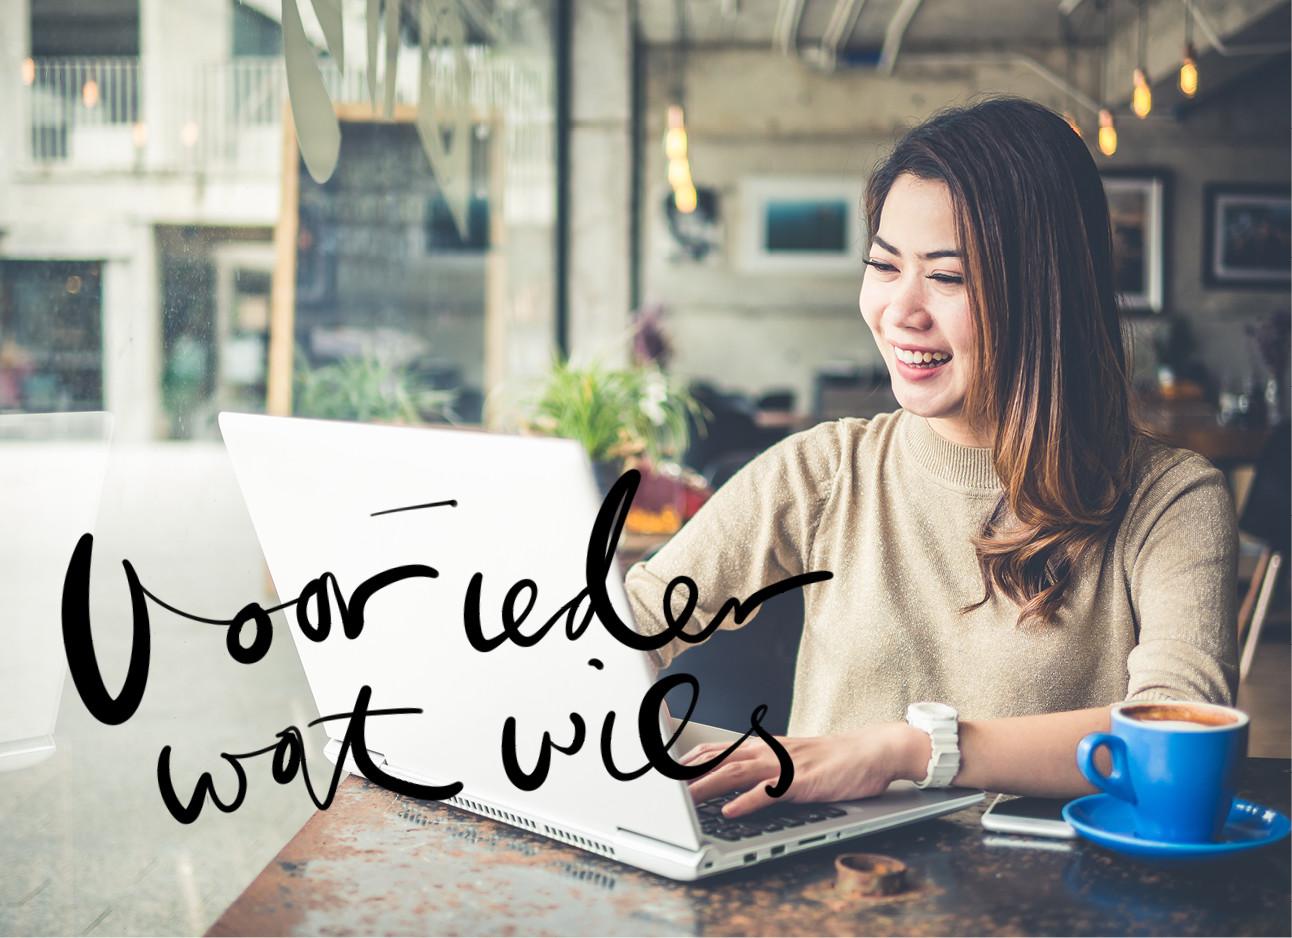 Een aziatisch meisje dat aan het werk is achter haar laptop en lacht